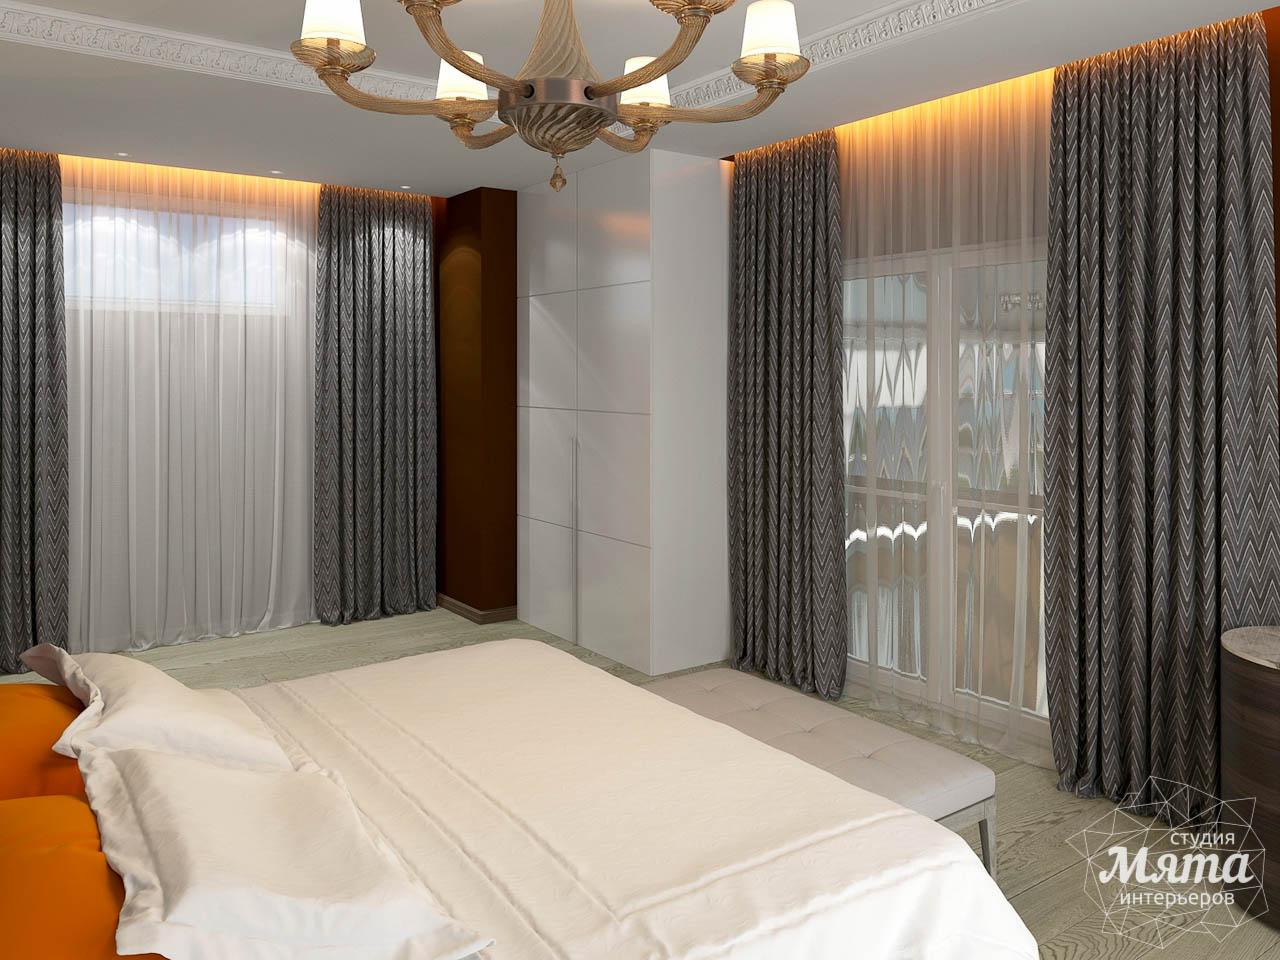 Дизайн интерьера коттеджа в п. Дубрава img917021658